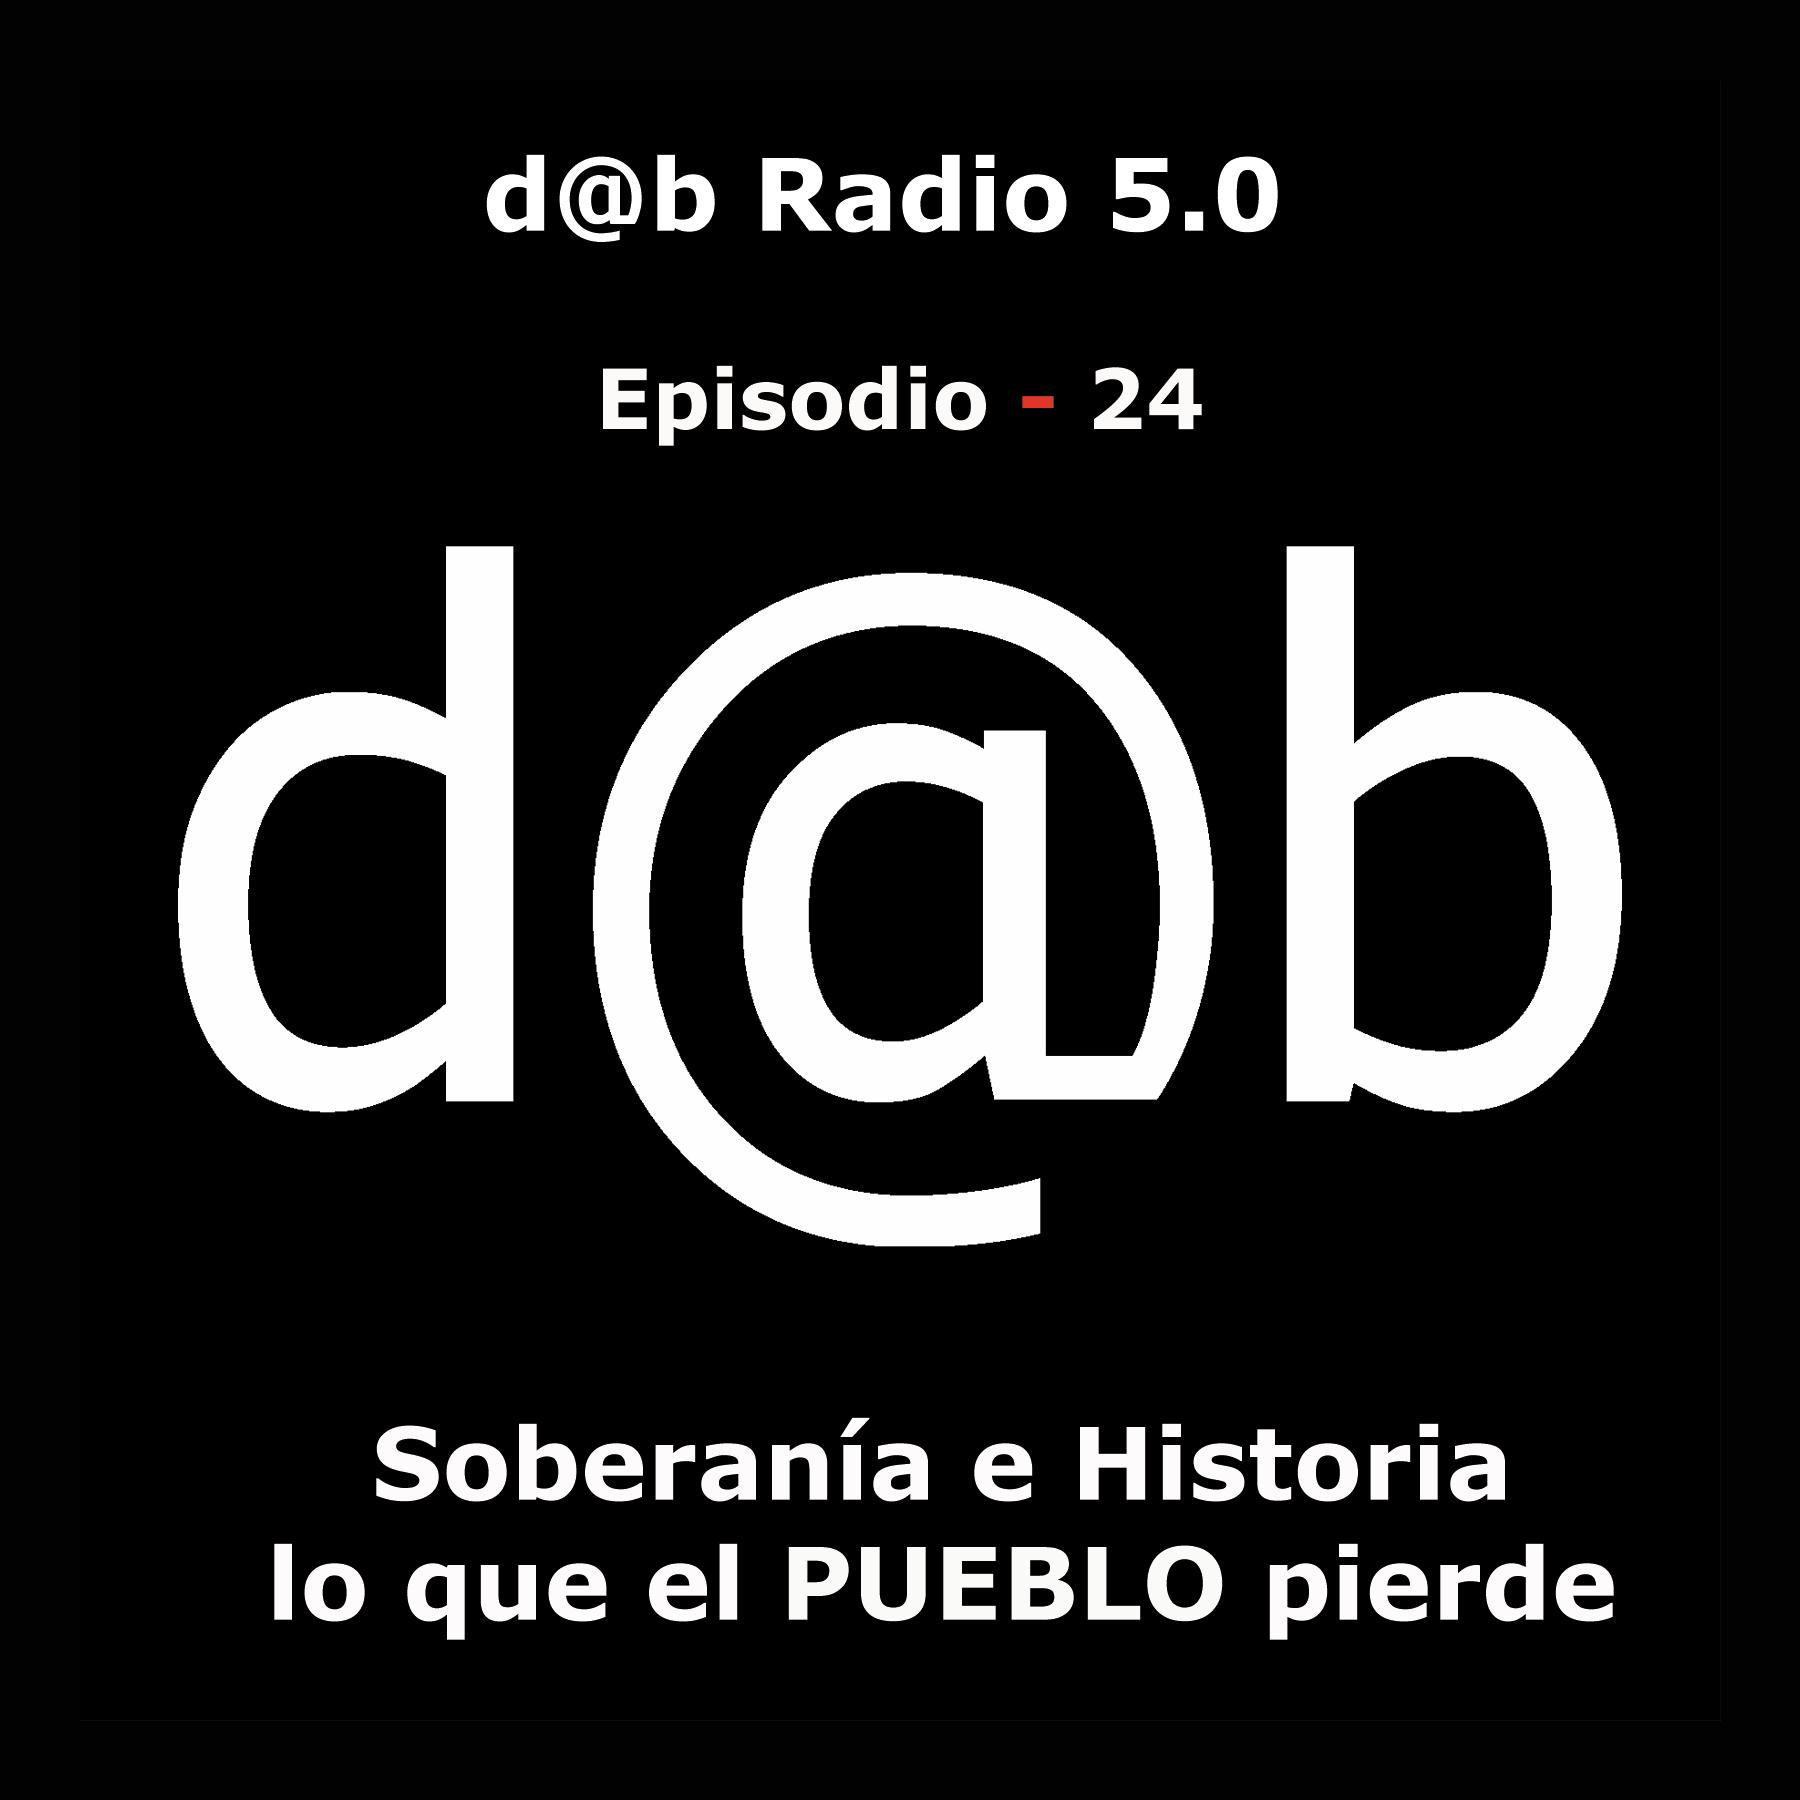 Desmontando a Babylon: d@b  radio  5.0  Episodio  24  –  Soberanía  e  Historia:  lo  que  el  pueblo  pierde